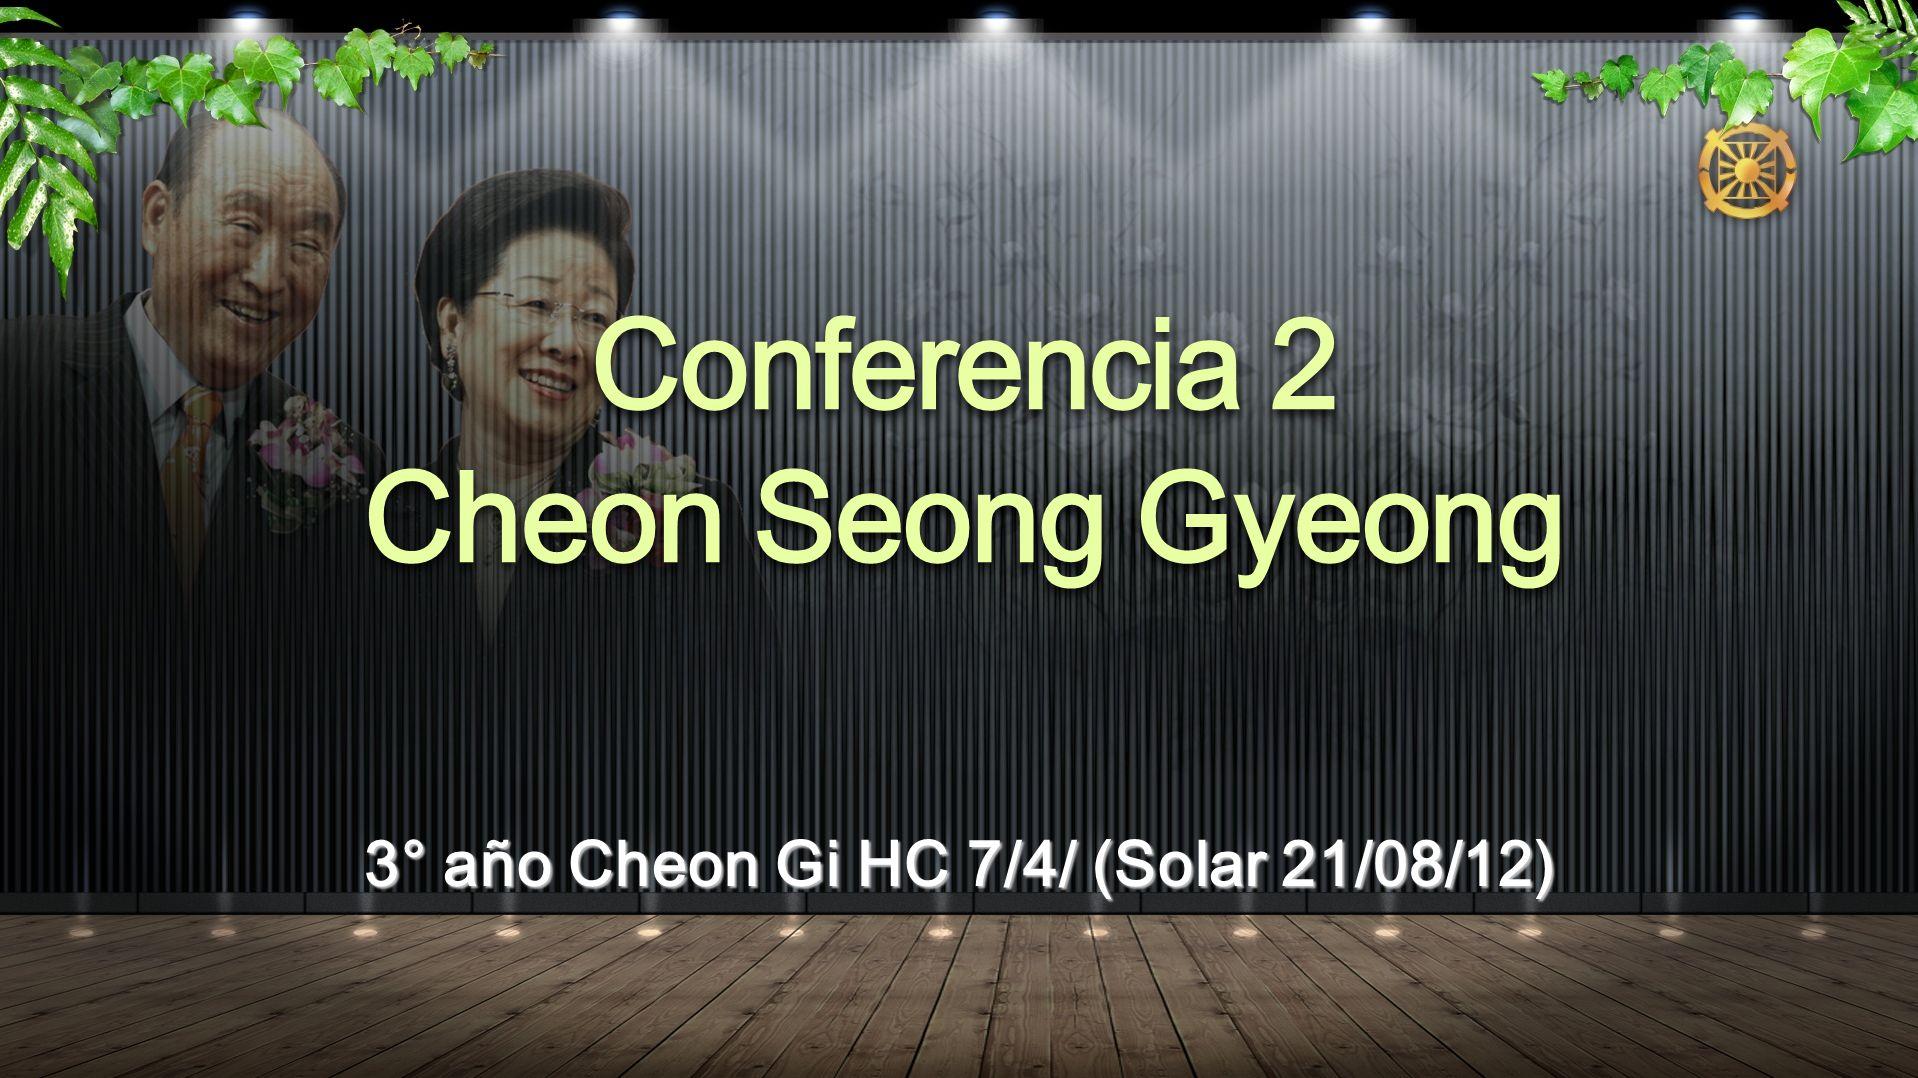 Conferencia 2 Cheon Seong Gyeong 3° año Cheon Gi HC 7/4/ (Solar 21/08/12)